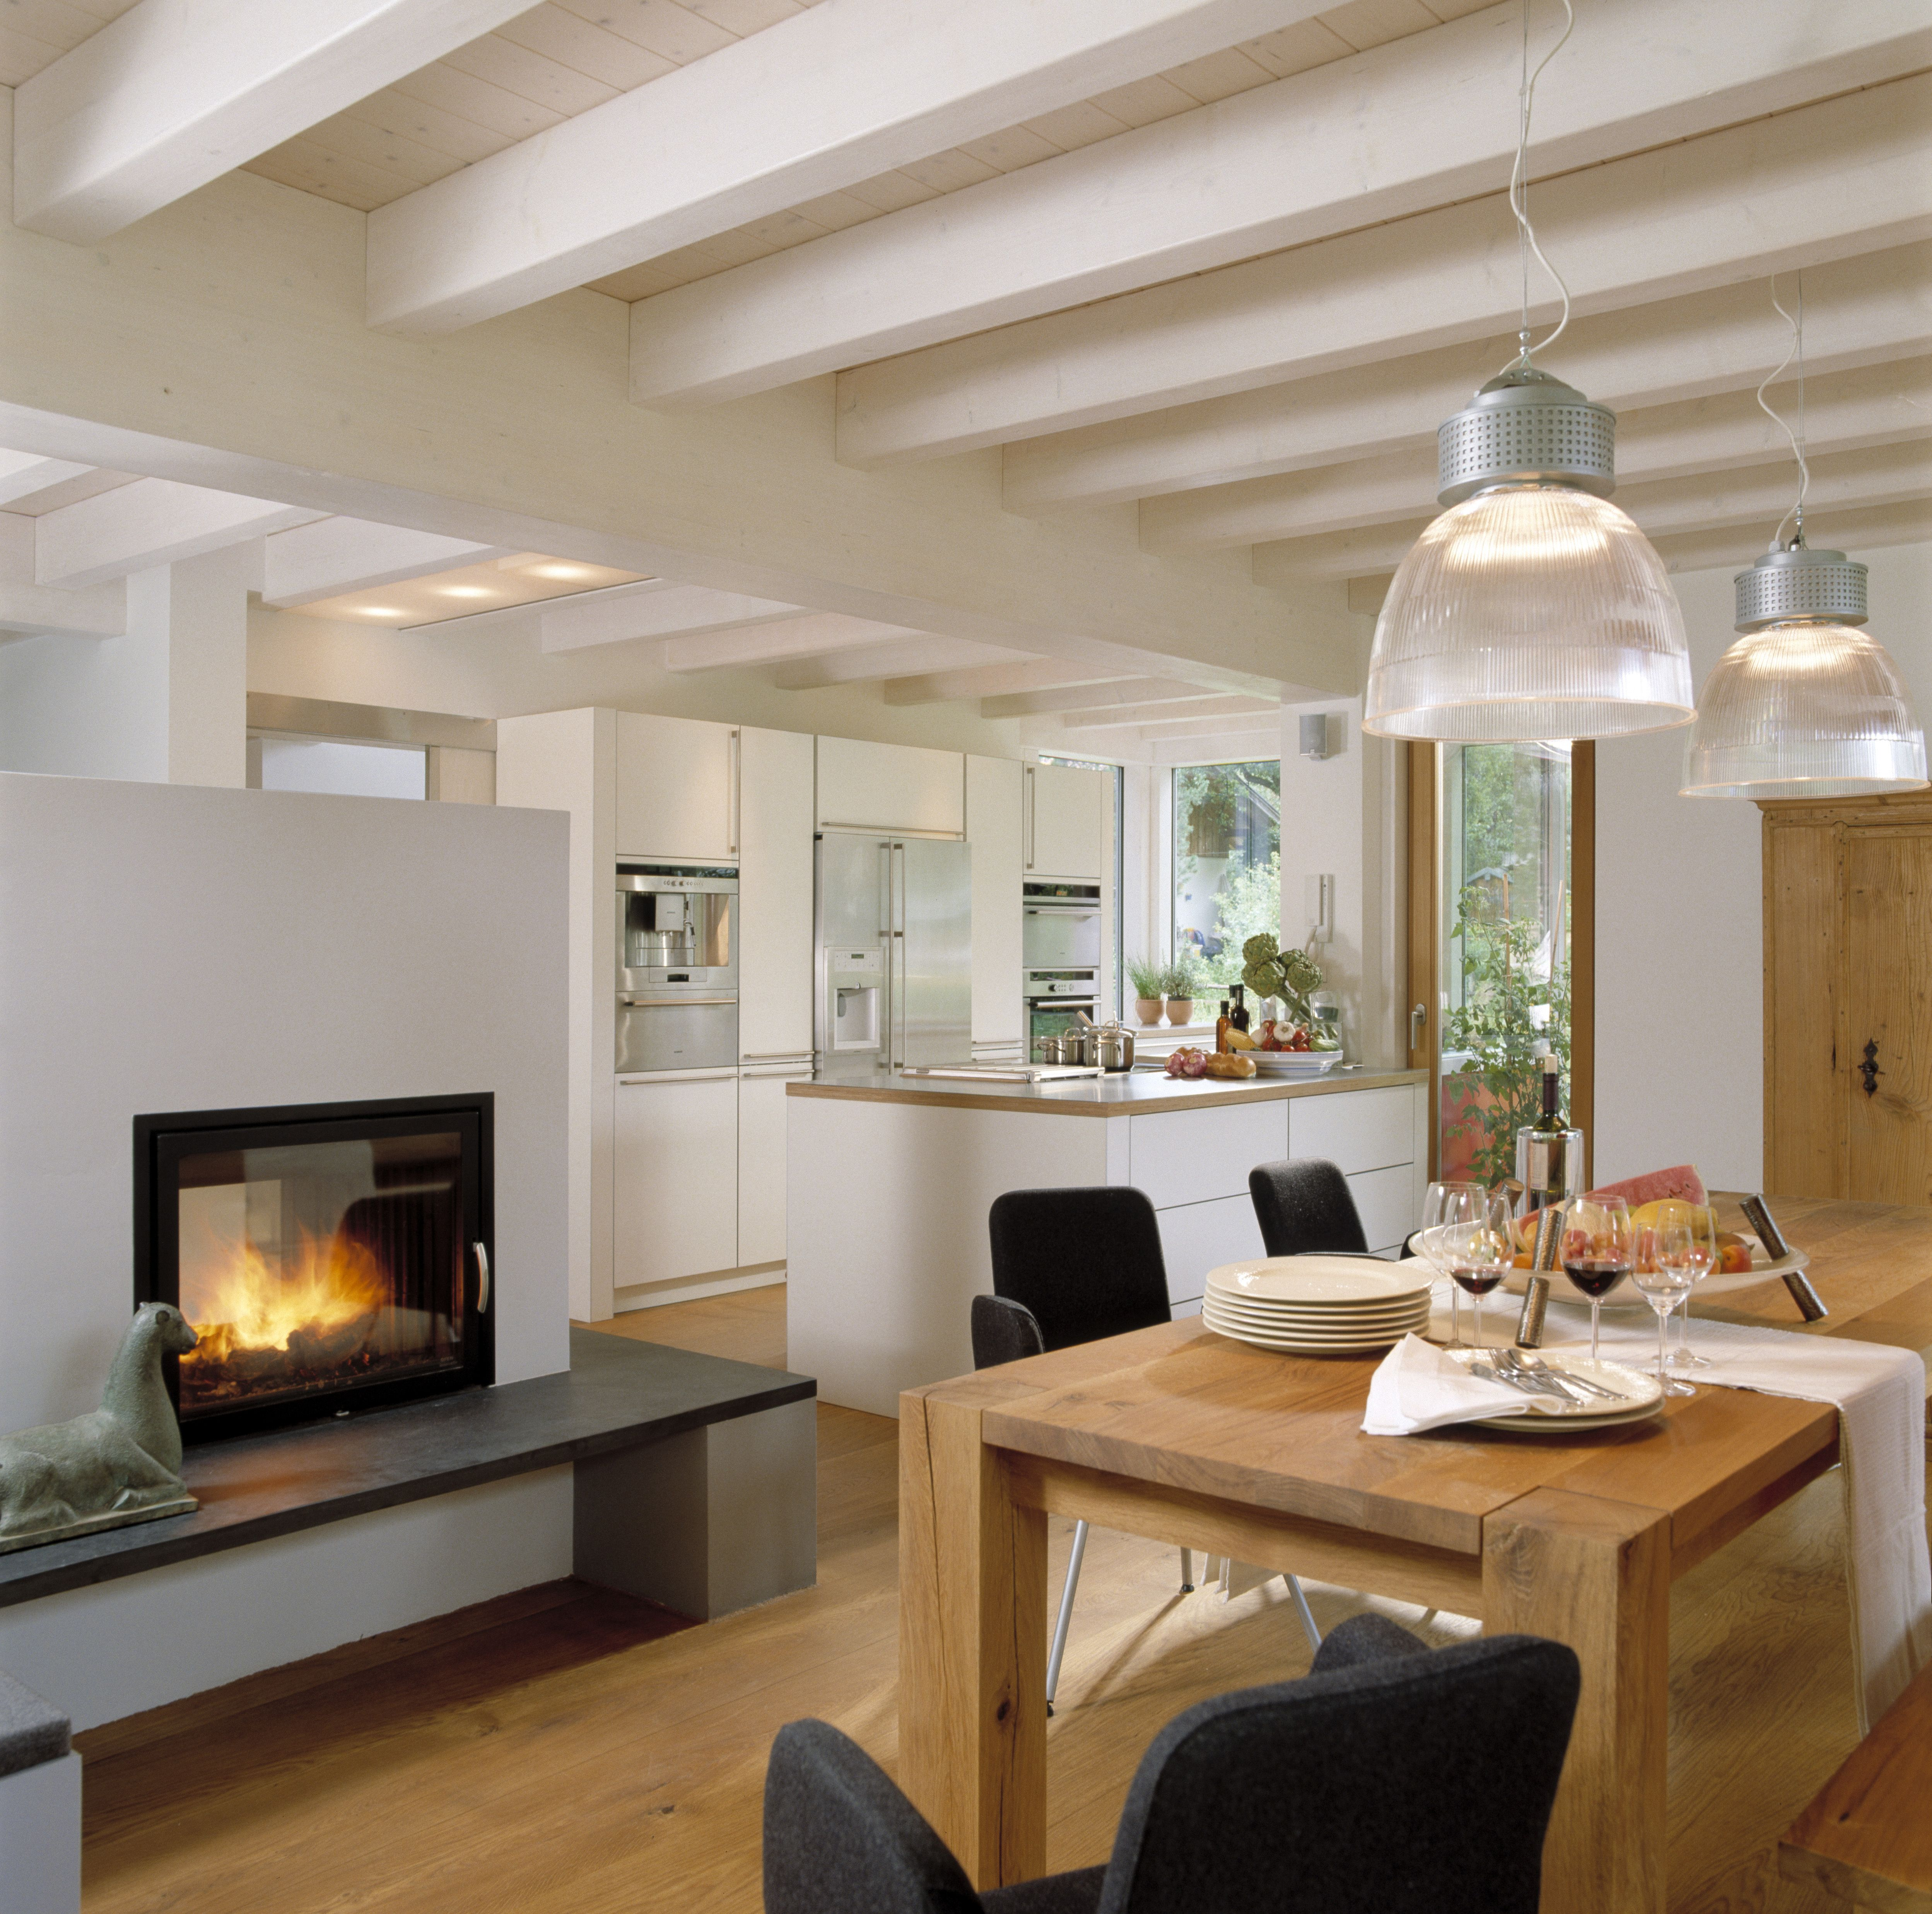 Kaminofen-als-Raumteiler-in-offener-Küche.jpg 4.995×4.949 Pixel ...